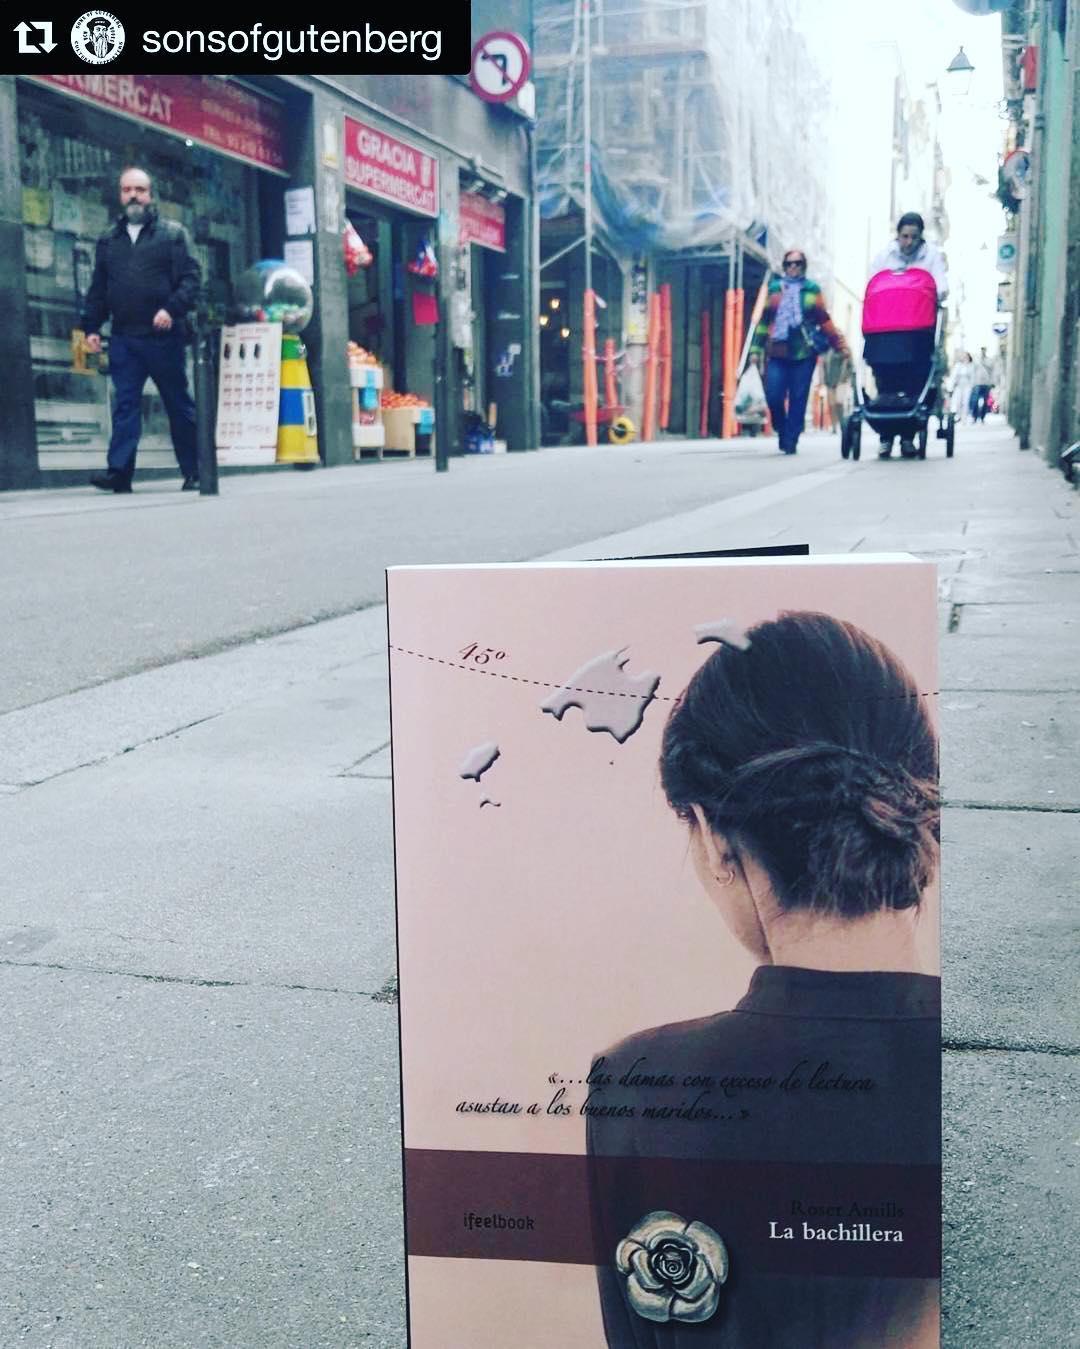 """By @sonsofgutenberg ・・・@roseramills estará con nosotros para la traca final, de 20h a 21h con su último trabajo, editado por la joven (mallorquina como la autora) IFeelBook. Roser nos ofrece una situada en los albores de las """"Guerras Carlistas"""", donde nos presenta a Leonor, una mujer valiente y adelantada a su tiempo y un ejemplo de que aun hay mucho por lo que luchar.Ven a apoyar la literatura independiente de Mi novela te espera en todas las librerías para llenar tu vida de en Mallorca! @ifbeditors"""